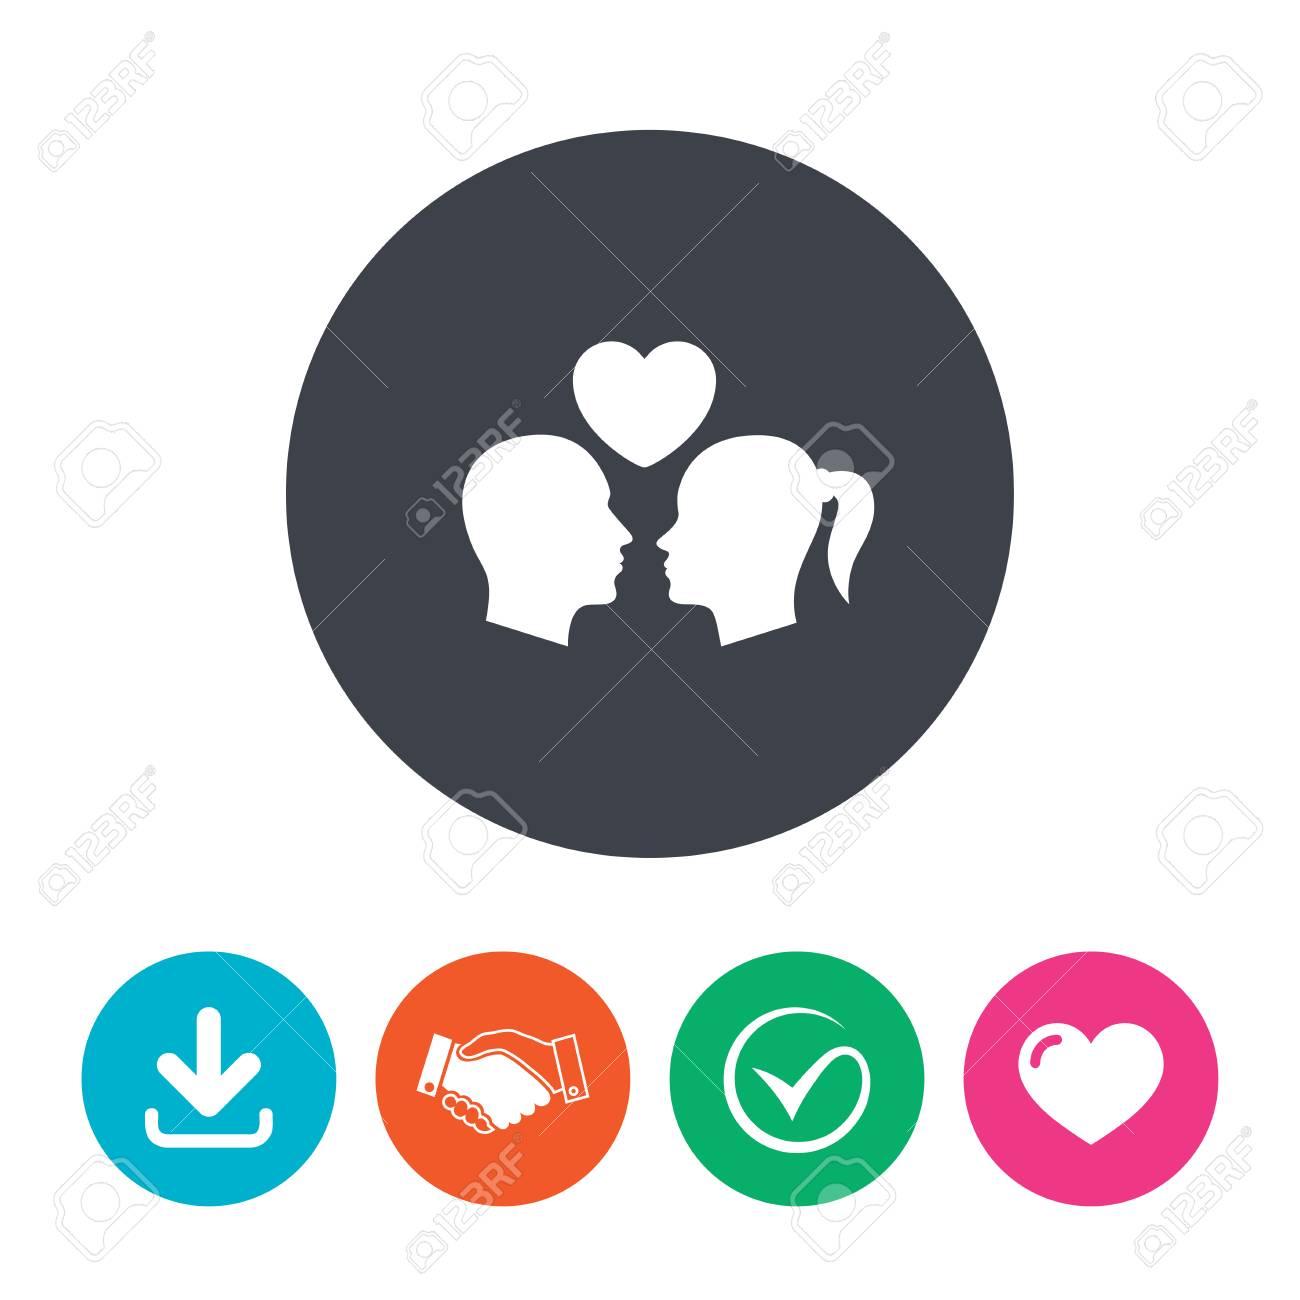 Icône De Signe De Couple Mâle Amour Femelle Amoureux Avec Coeur Télécharger La Flèche La Poignée De Main La Tique Et Le C Ur Boutons De Cercle